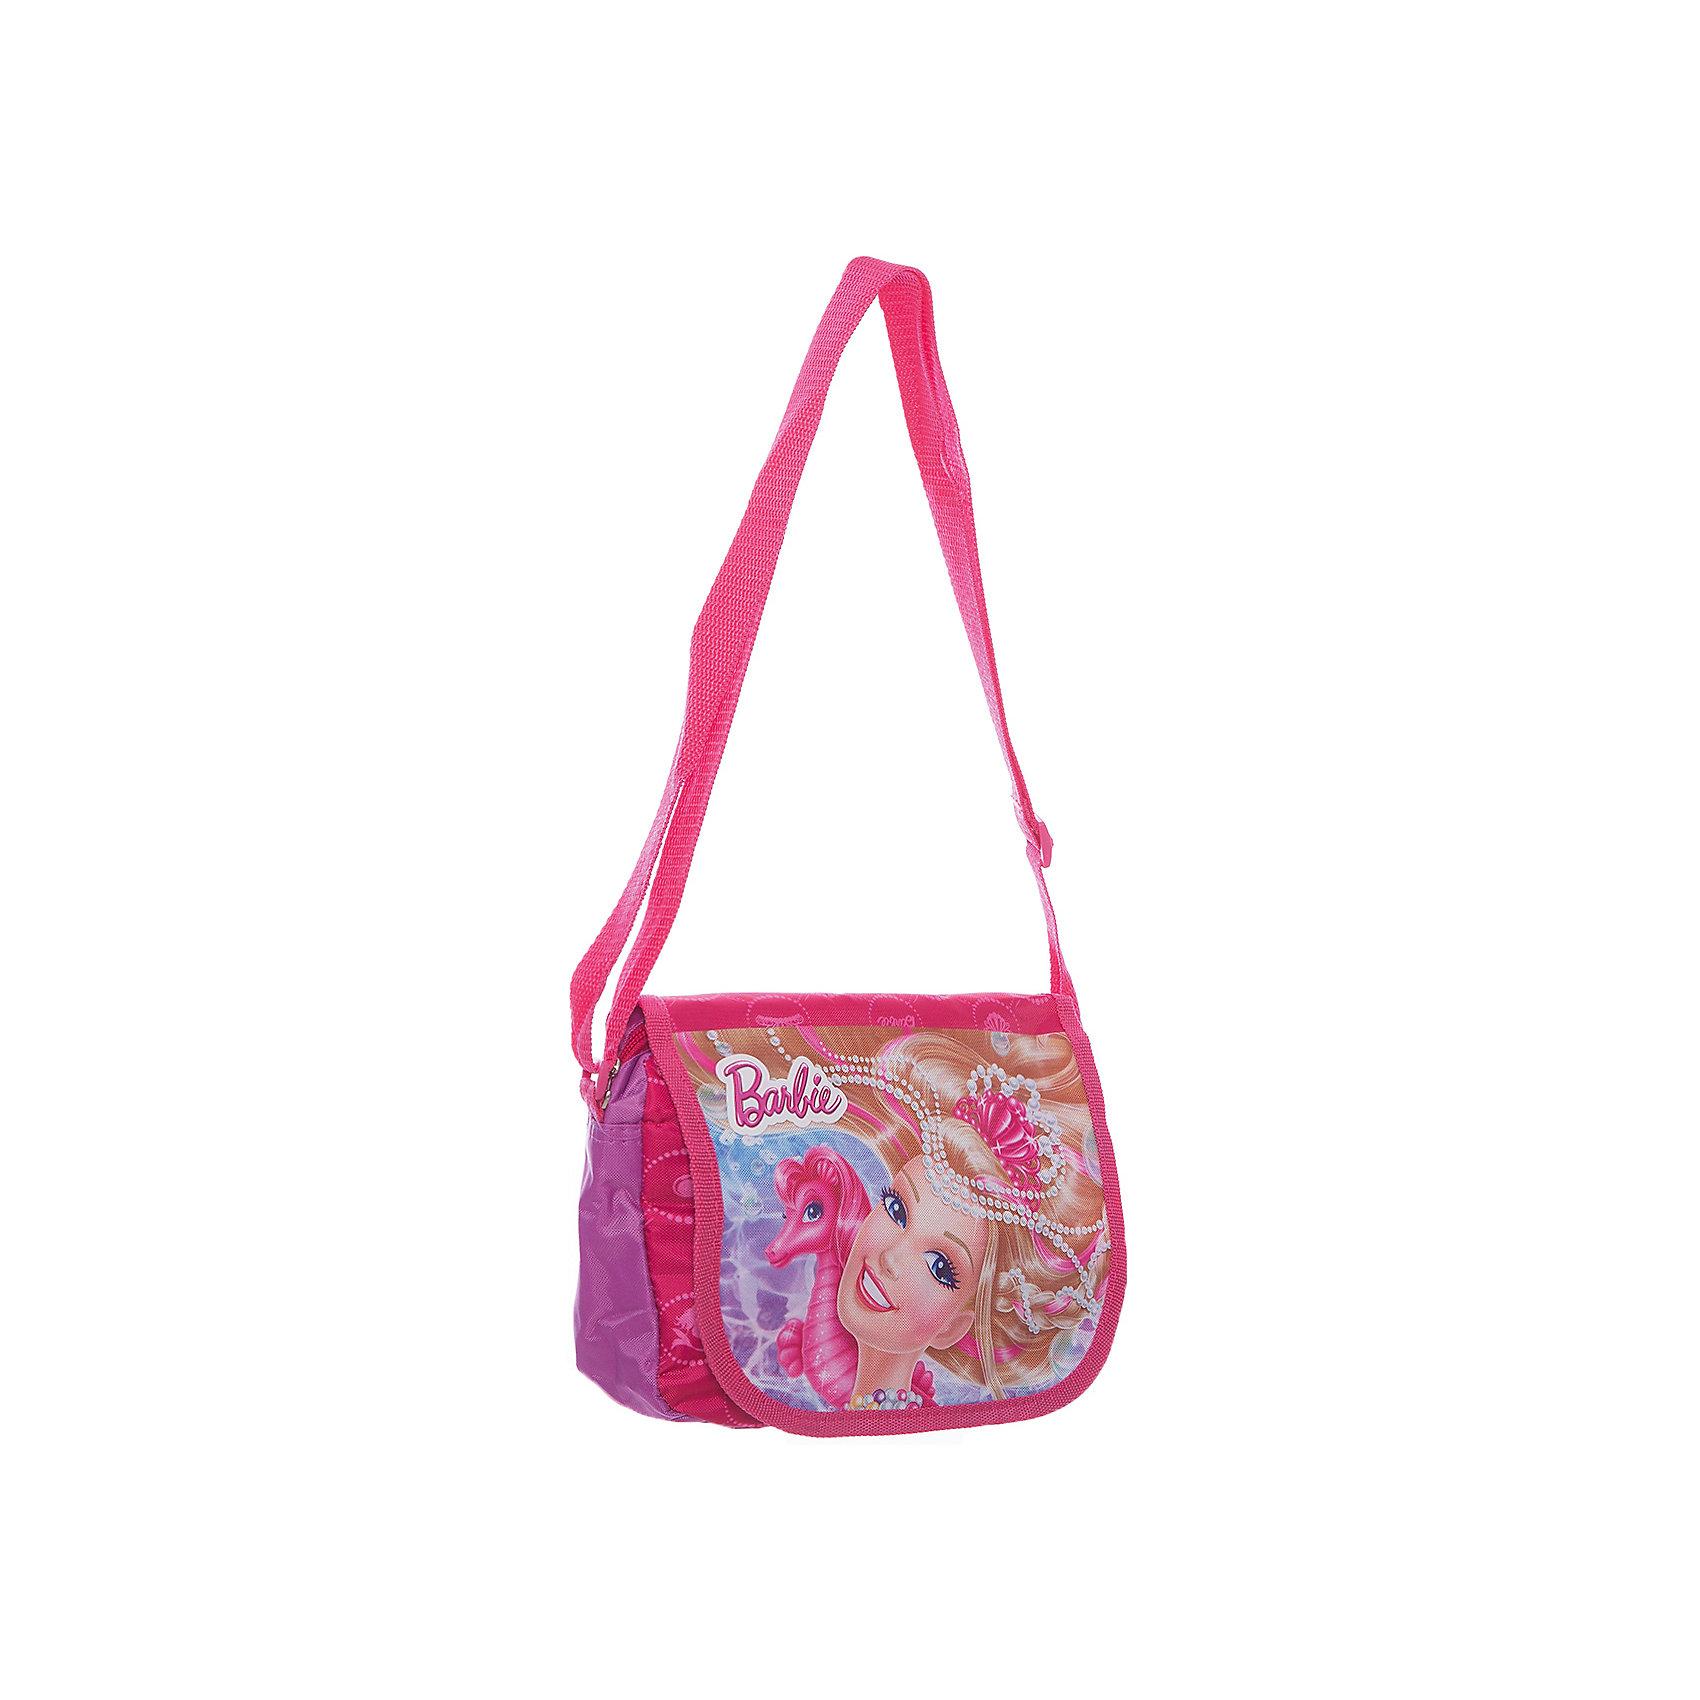 Сумка через плечо, BarbieДетские сумки<br>Сумка через плечо Barbie - комфортная и стильная сумочка, с которой Вашей девочке будет приятно ходить и на школьные занятия и на прогулку. Сумка выполнена из водоотталкивающего прочного и качественного материала. Имеет привлекательный дизайн с яркой розовой расцветкой и изображением очаровательной красавицы Барби. Сумочка закрывается откидным клапаном на липучках, внутри одно просторное отделение, куда можно положить все необходимые принадлежности и аксессуары. Для ношения через плечо предусмотрен широкий регулируемый ремешок.  <br><br>Дополнительная информация:<br><br>- Материал: текстиль.<br>- Размер: 22 х 5,5 х 15 см.<br>- Вес: 190 гр.<br><br>Сумку через плечо Barbie, 22*15*5,5 см., Играем Вместе, можно купить в нашем интернет-магазине.<br><br>Ширина мм: 676<br>Глубина мм: 324<br>Высота мм: 4<br>Вес г: 190<br>Возраст от месяцев: 48<br>Возраст до месяцев: 96<br>Пол: Женский<br>Возраст: Детский<br>SKU: 4637659